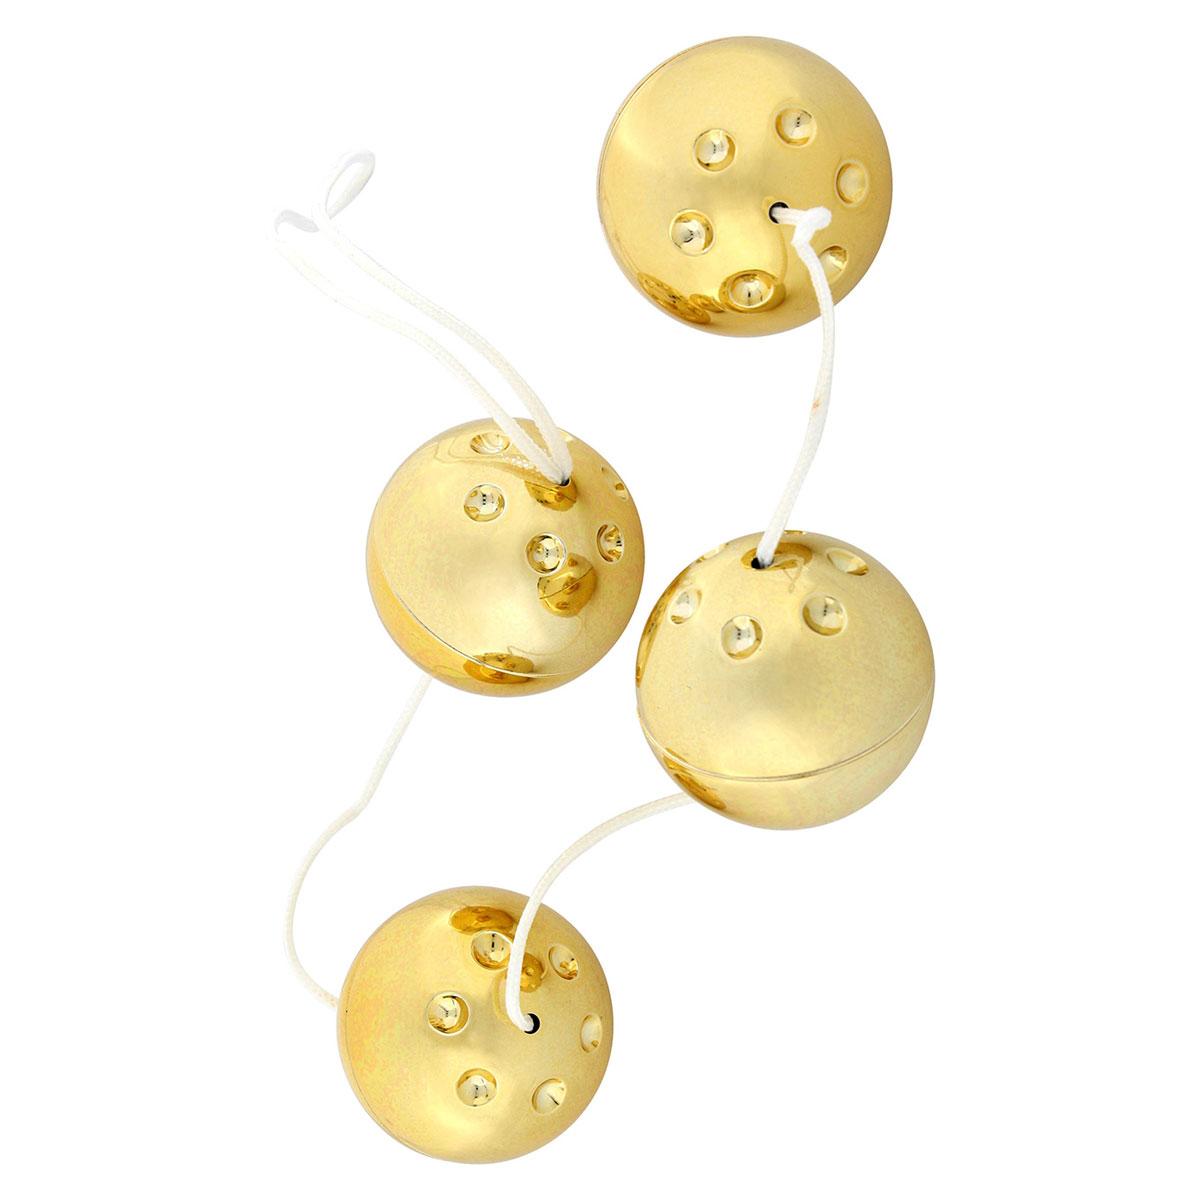 Четыре золотистых вагинальных шарика - фото 312711